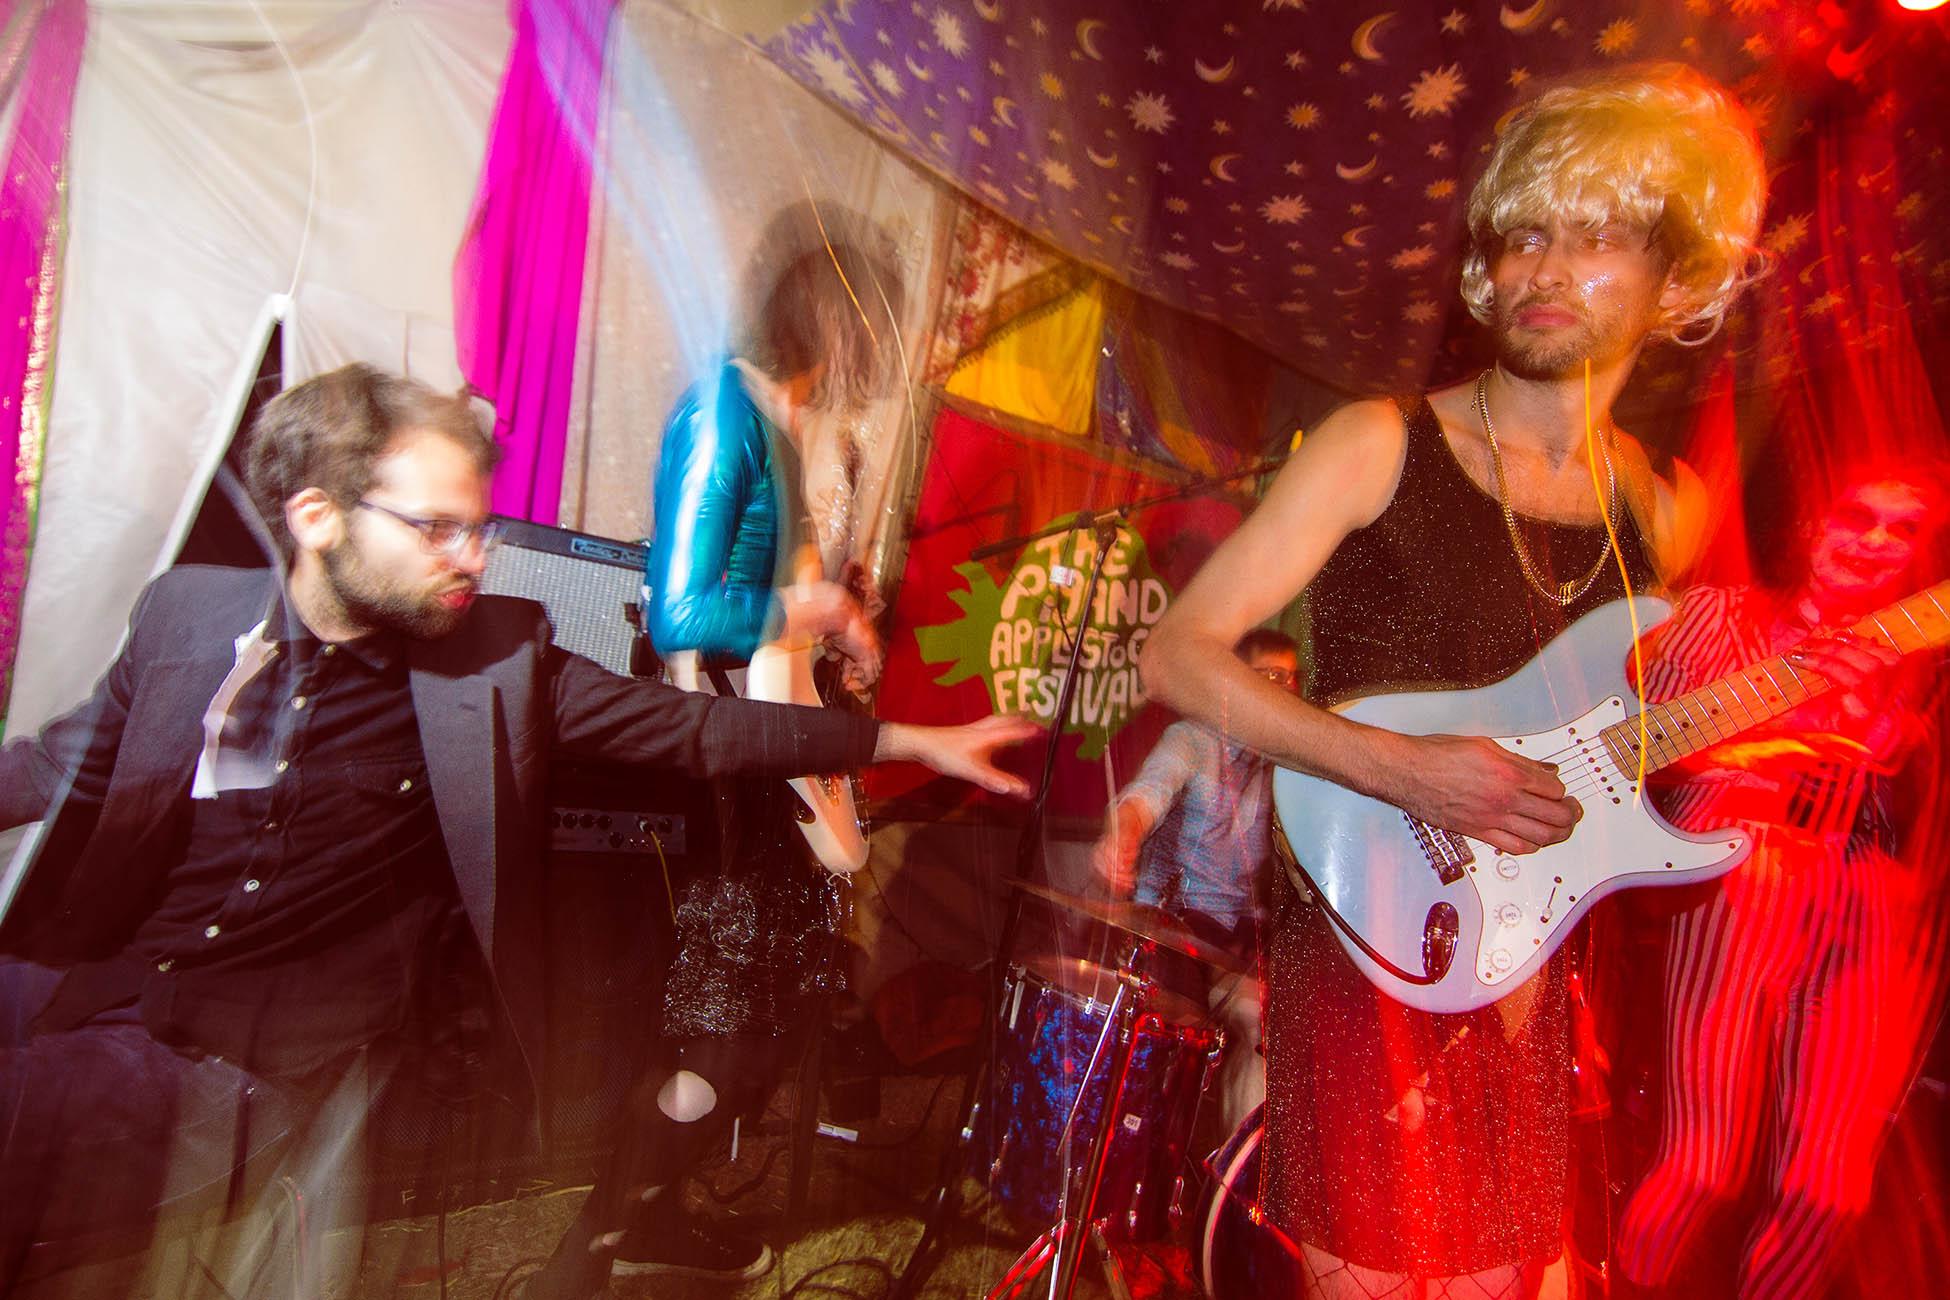 Applestock-festival-blog-01